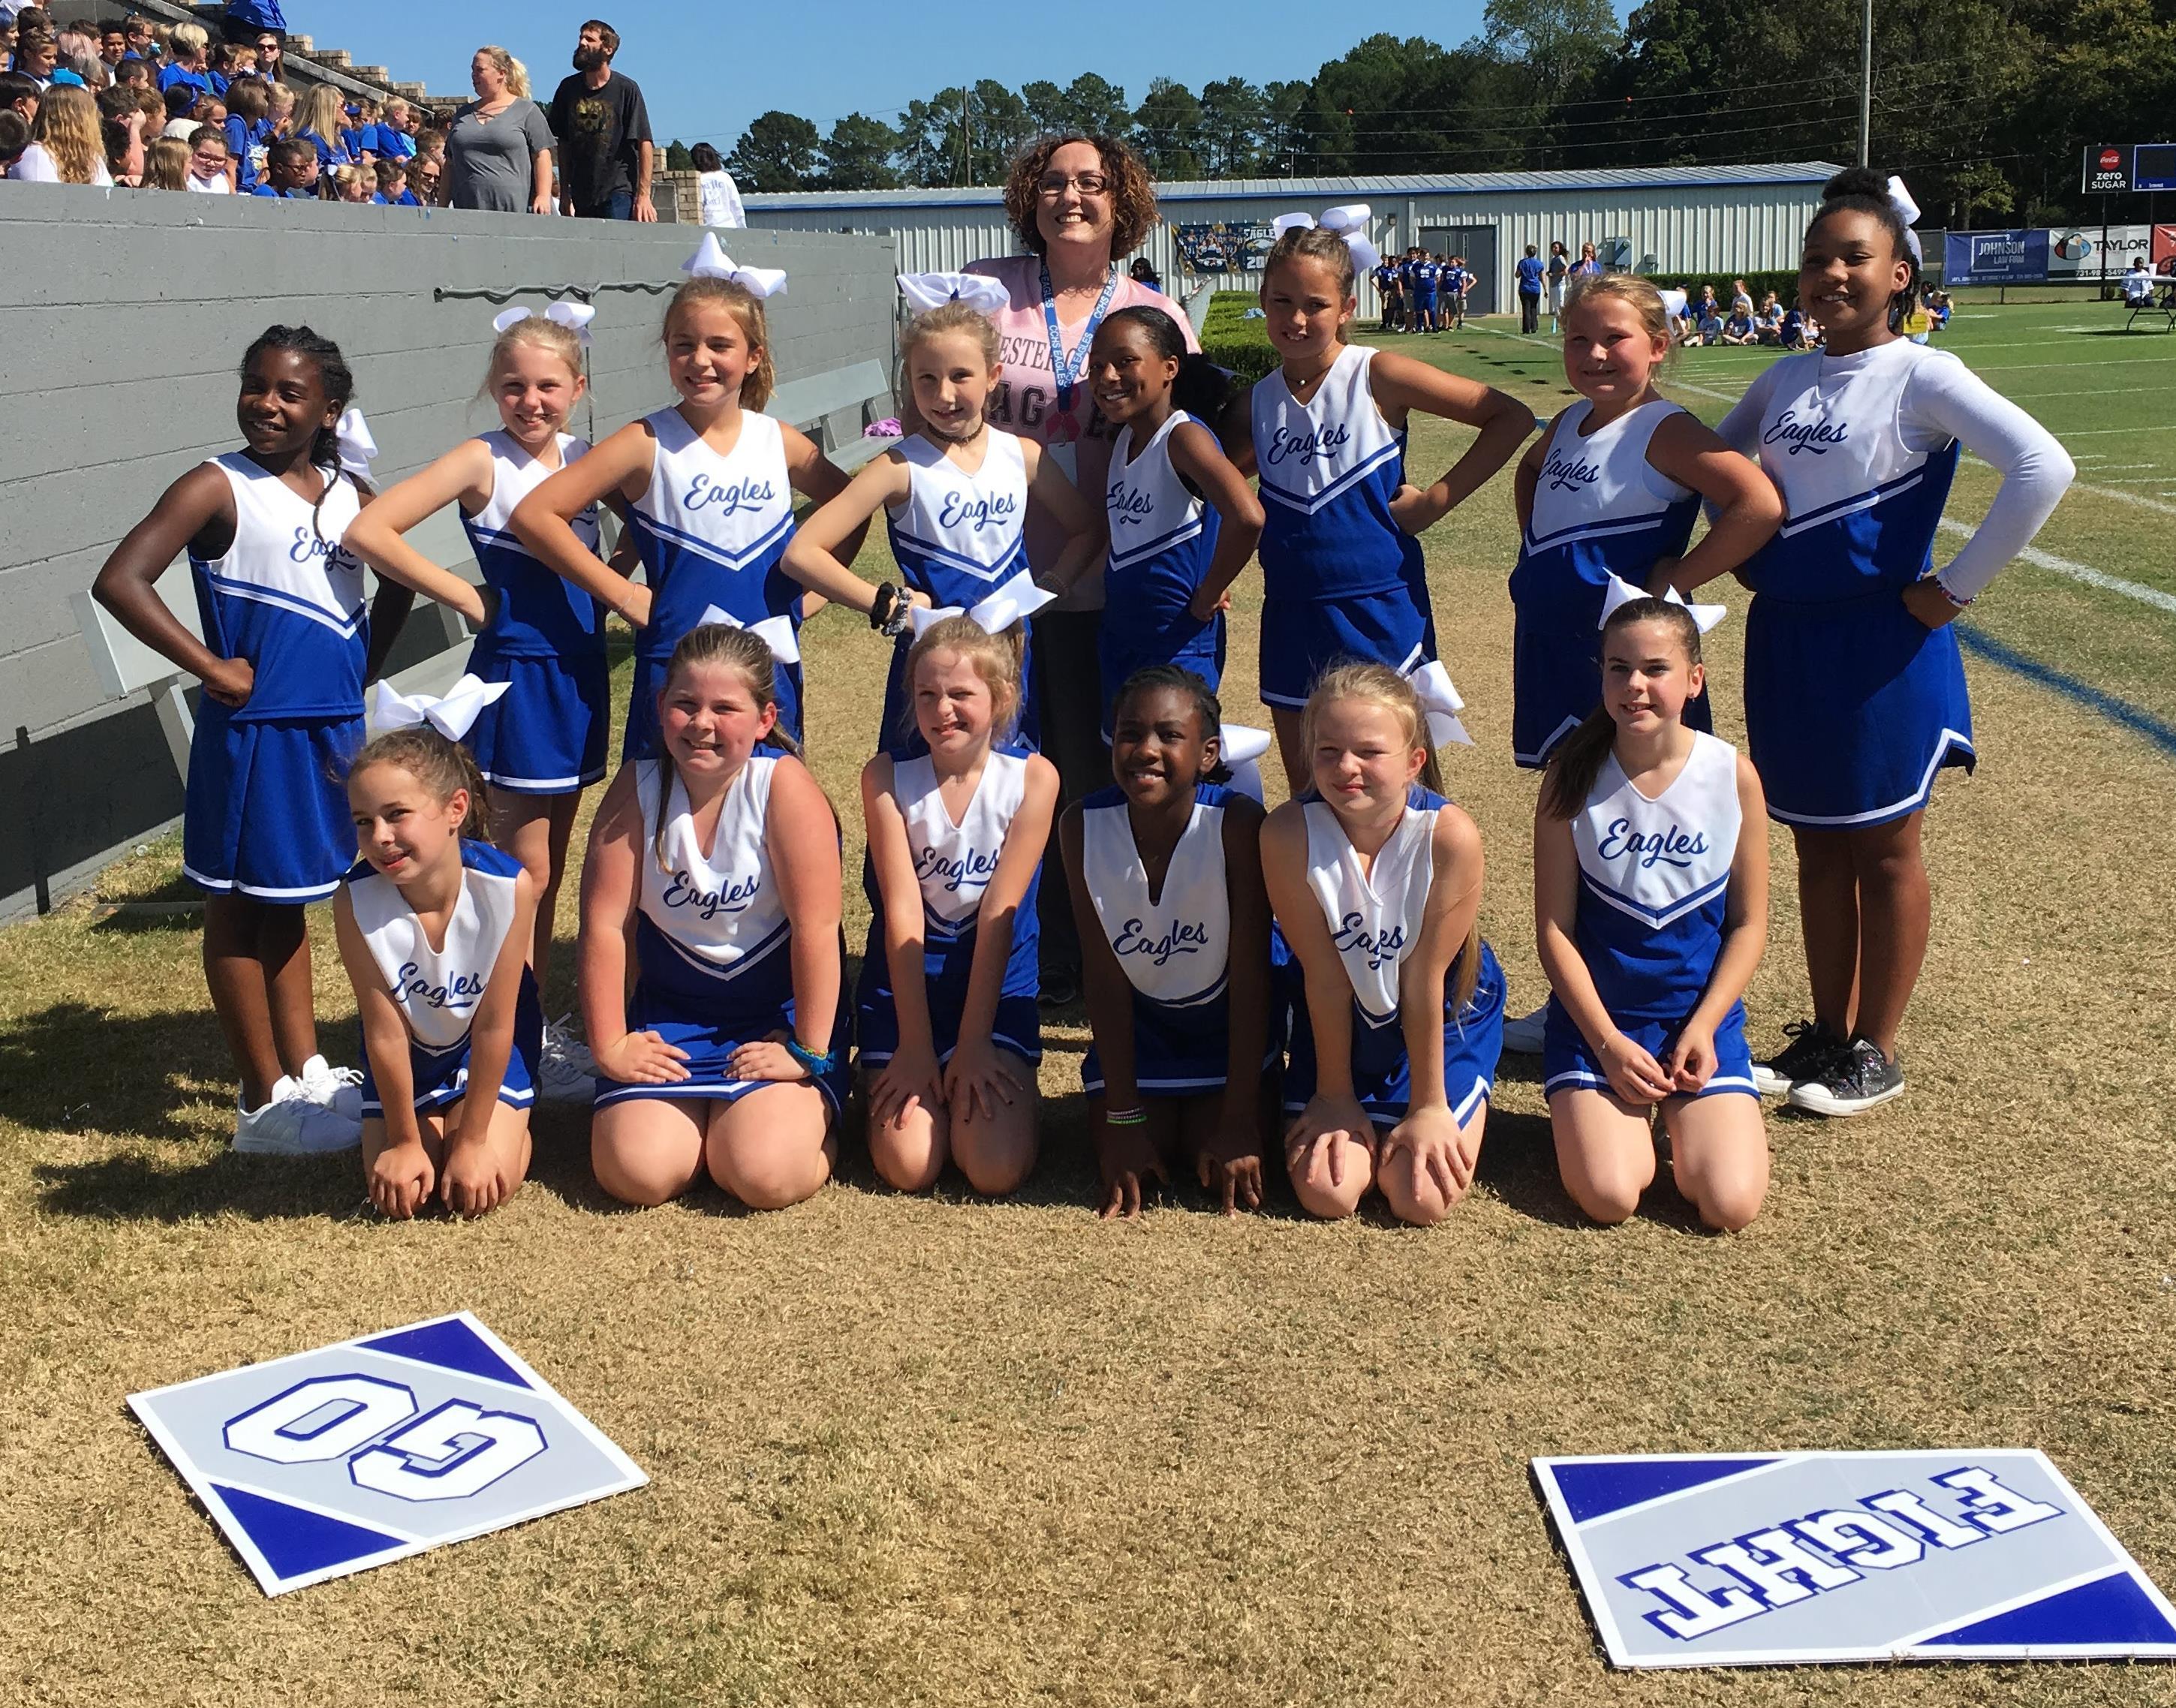 CCYFL Cheer Squad